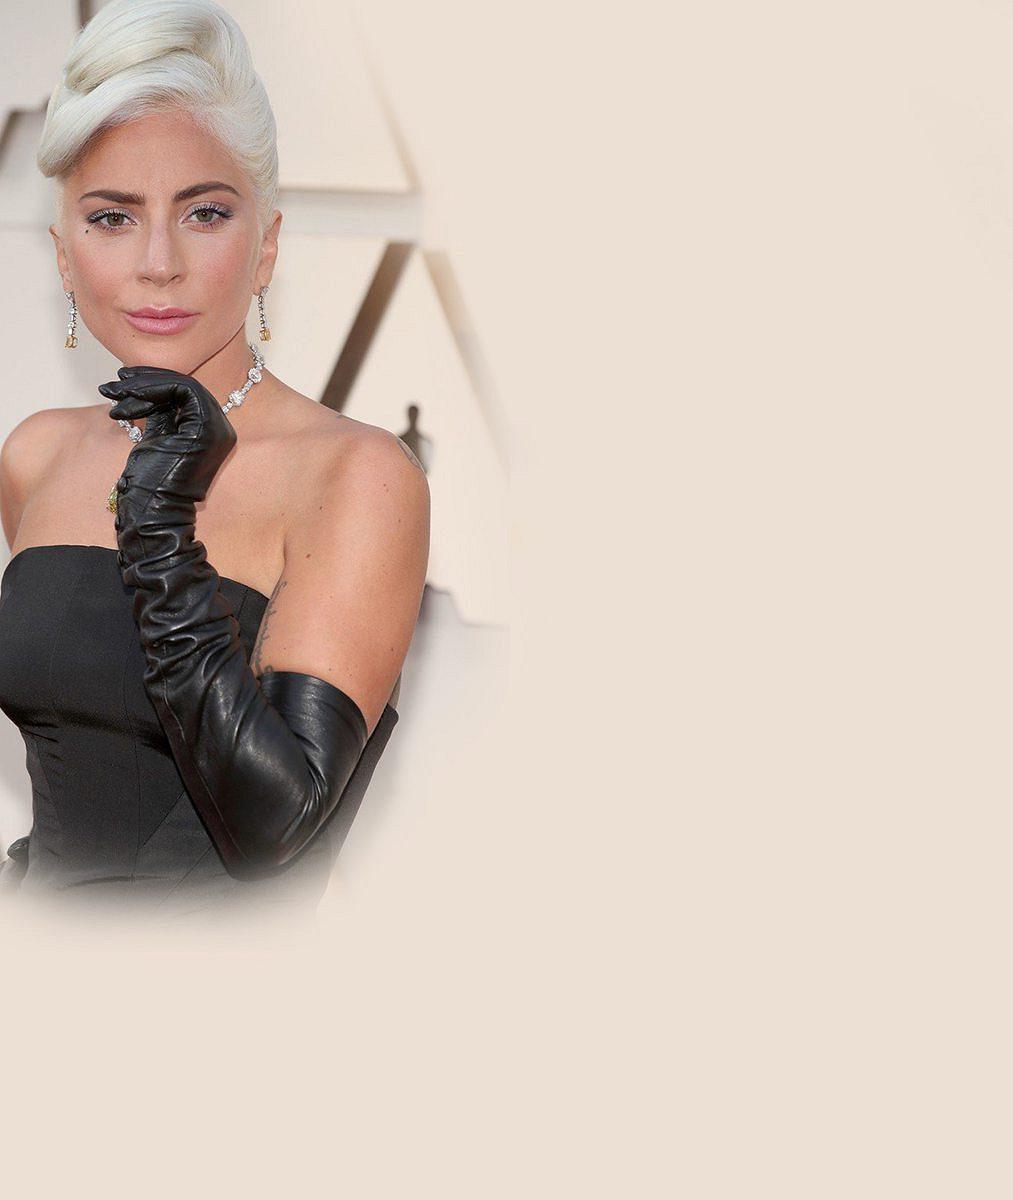 Nádhera nevyčíslitelné hodnoty: Lady Gaga si převzala Oscara se šperkem, který před ní zdobil legendu stříbrného plátna